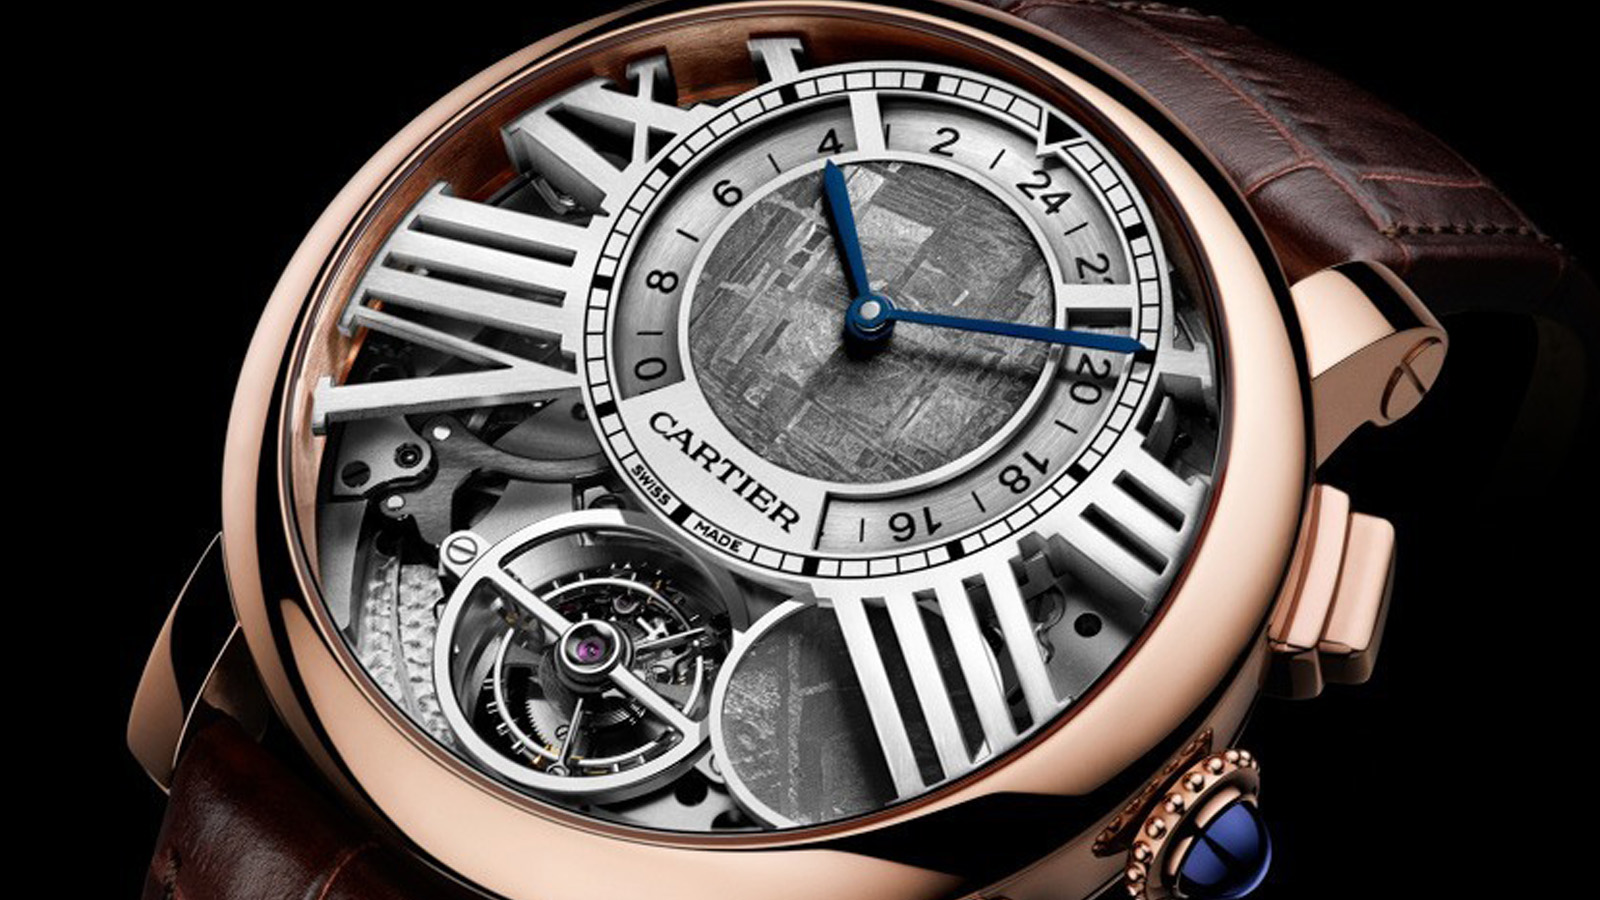 4b4643f88440 Por qué elegir un reloj Cartier de Segunda Mano? - García Joyeros